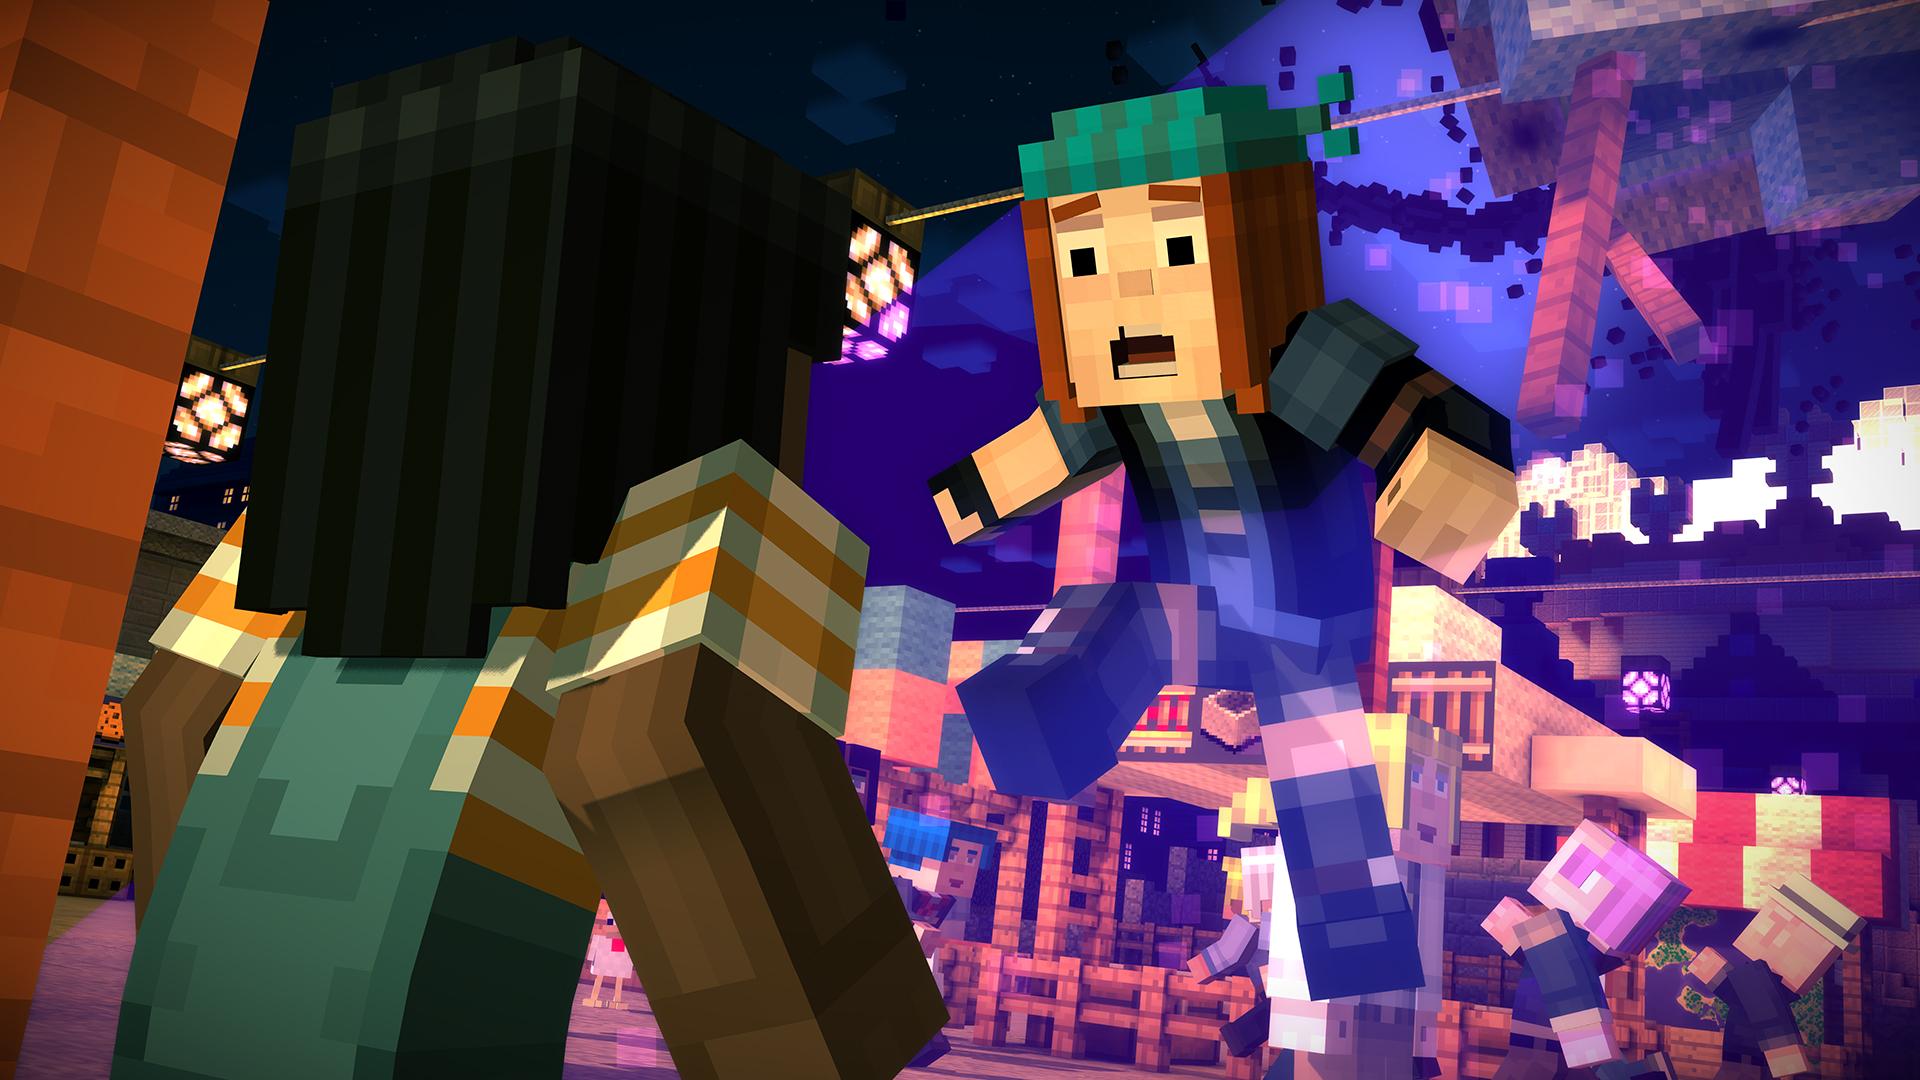 Minecraft Story Mode A Telltale Games Series On Steam - Minecraft spiele kaufen pc